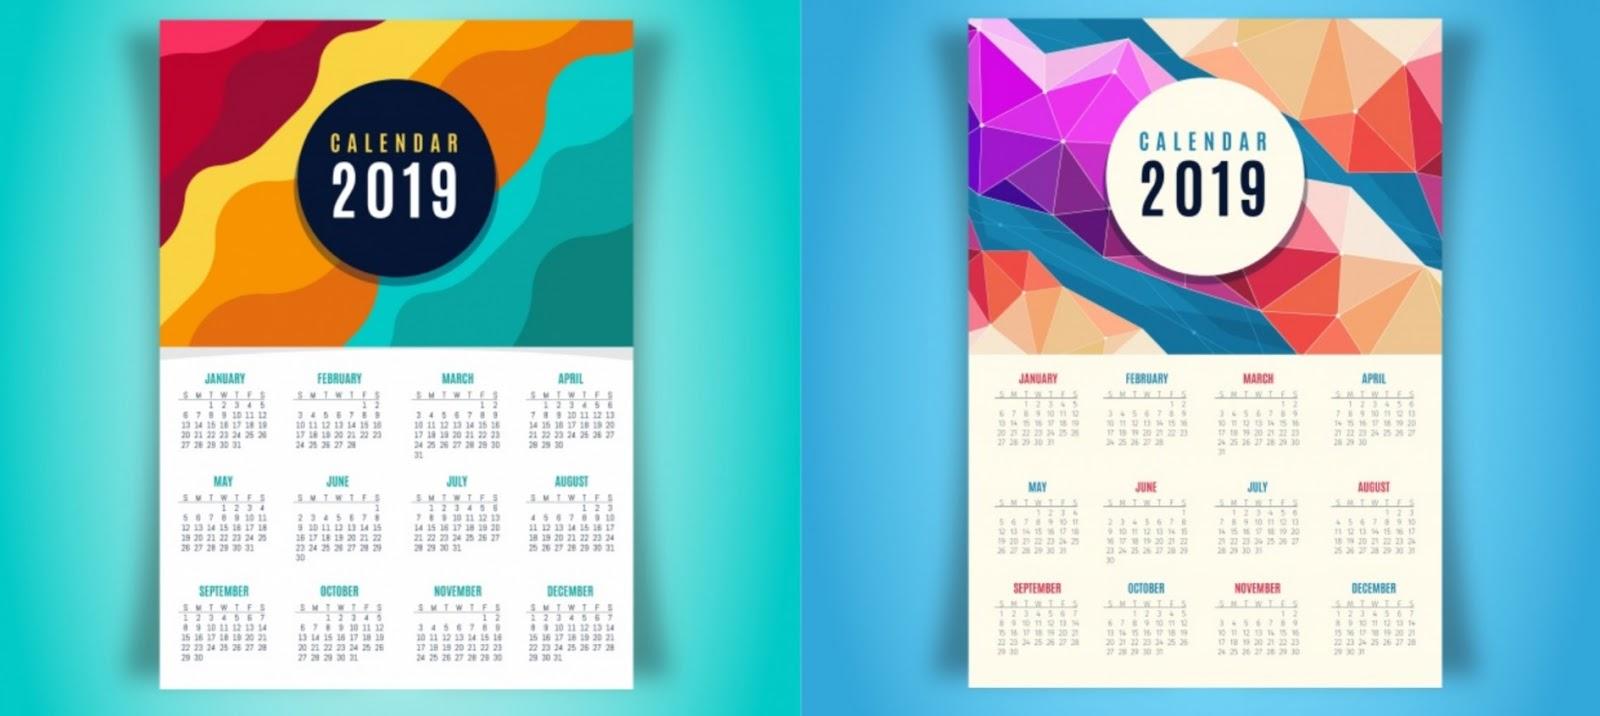 Download Kalender 2019 Portugal, Indonesia dan Spanyol Format PNG dan PDF [Lengkap]